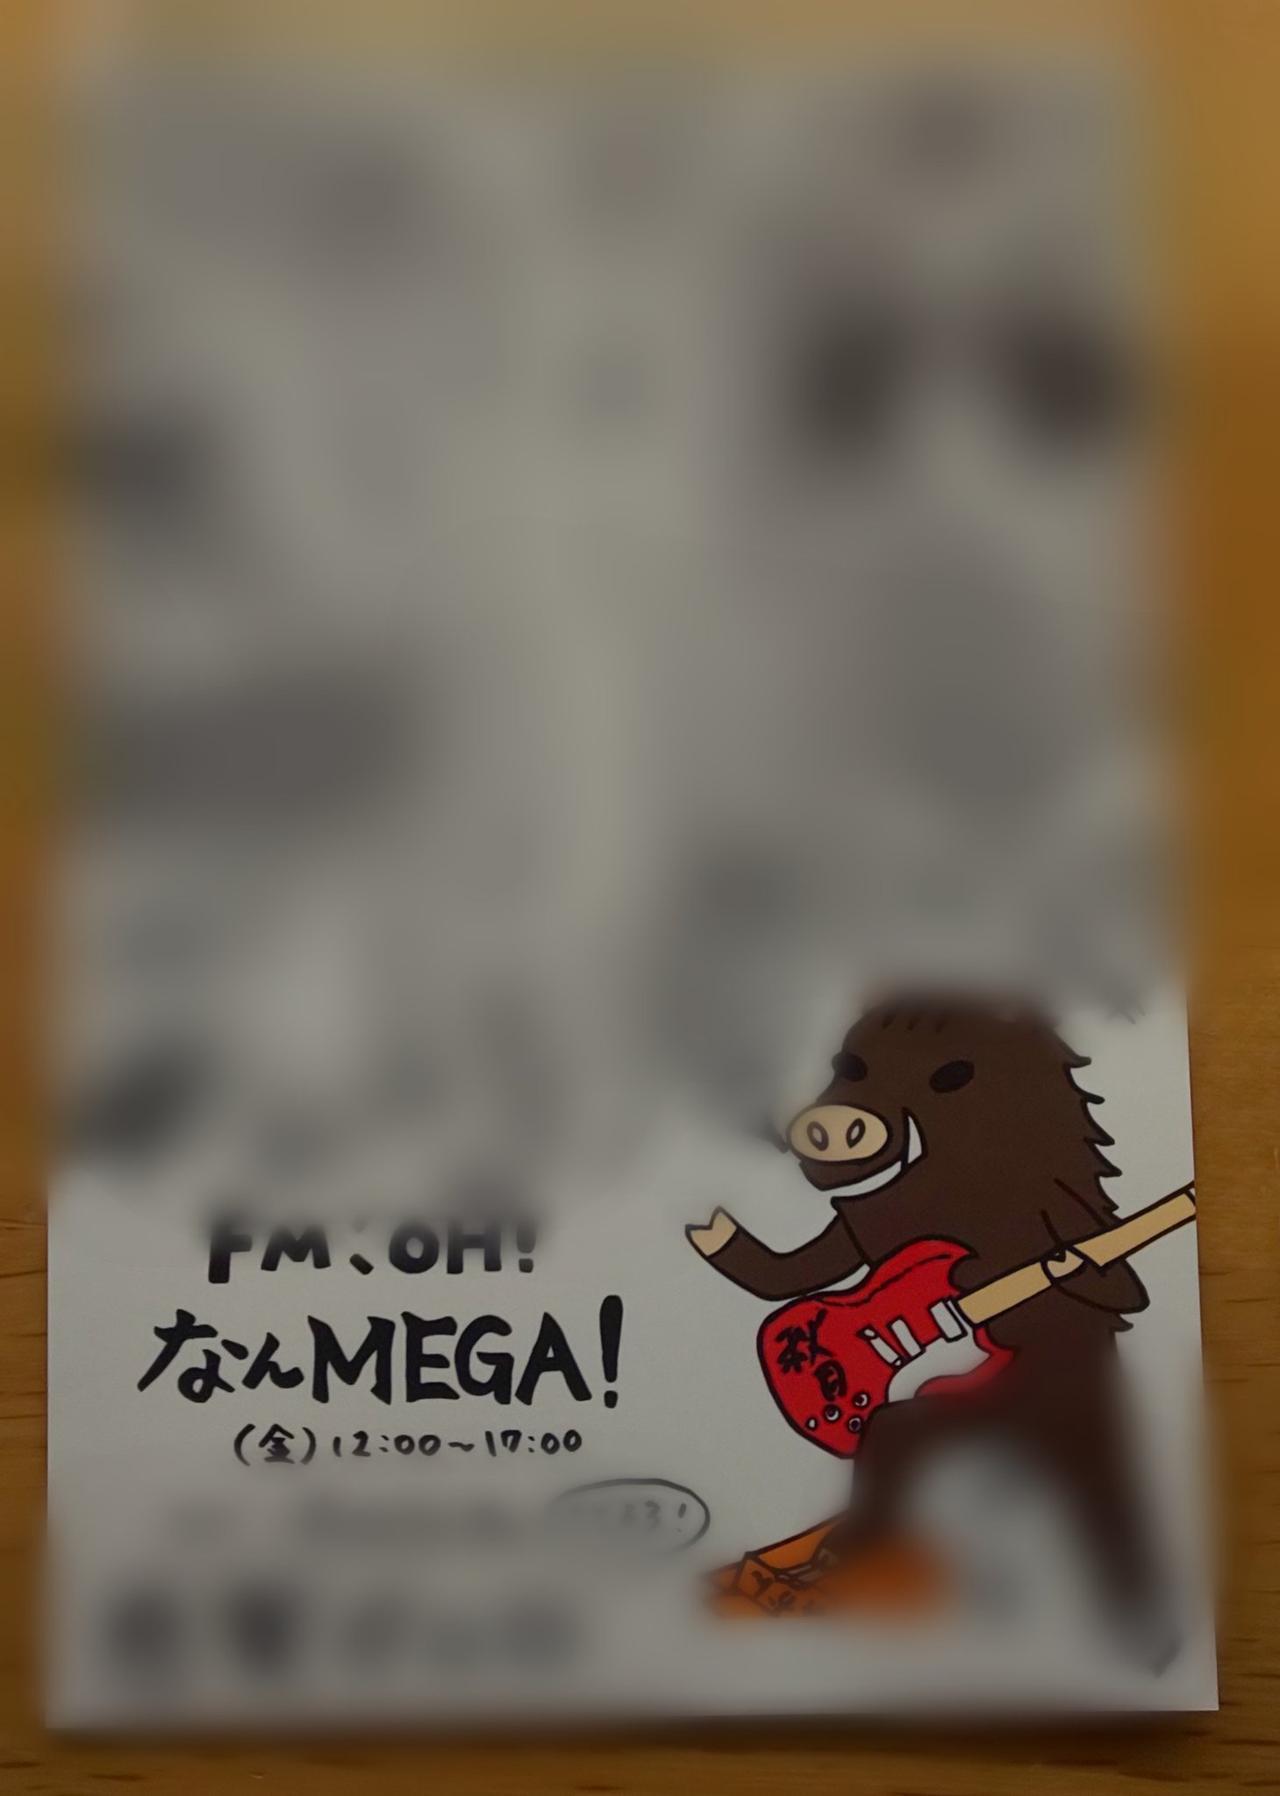 画像19: FM OH! なんMEGA! on Twitter twitter.com